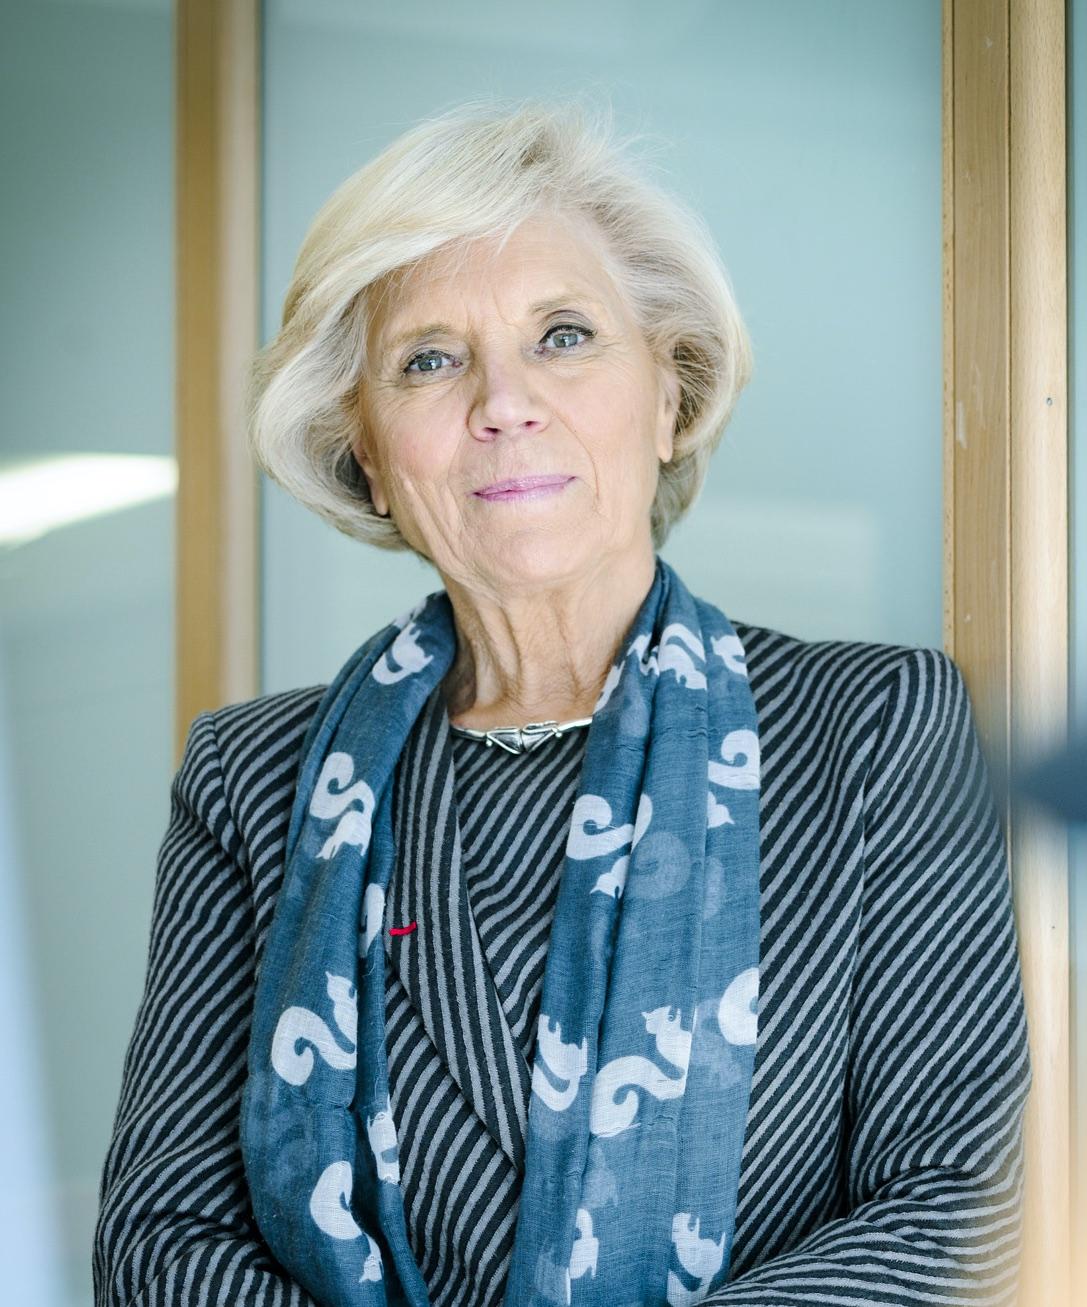 Marielle Cohen-Branche